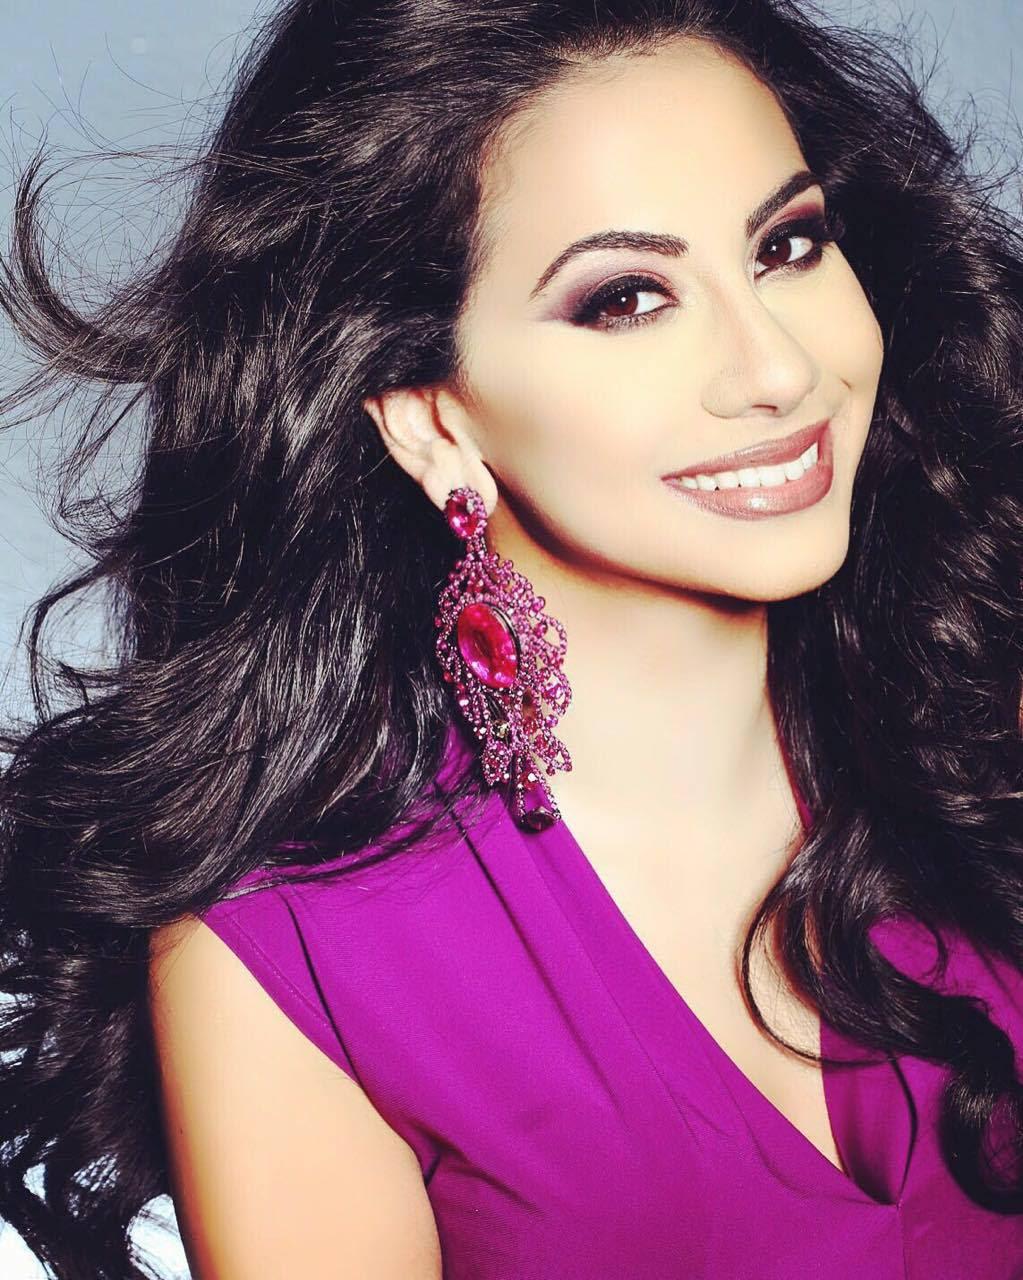 بالصور الجمال العربي الاصيل , احلى جمال من العربيه الاصيل 11653 7